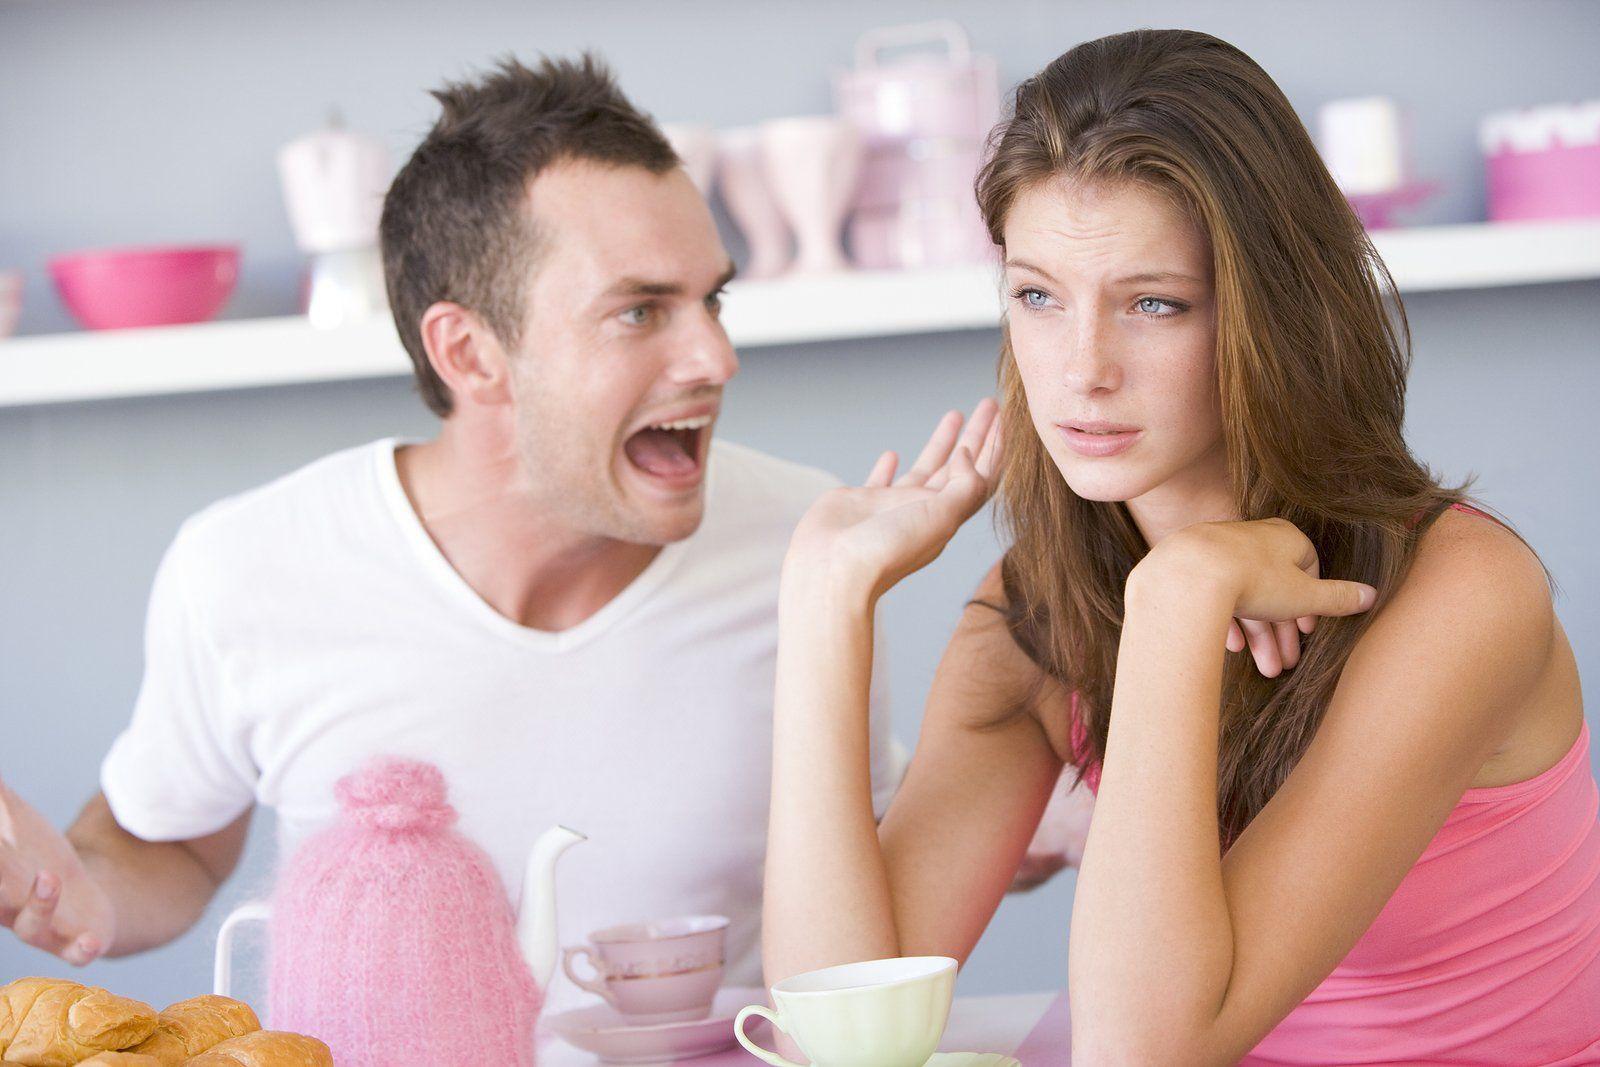 صور كيف اعرف ان زوجي يحبني ام لا , كيف تعرفين ان زوجي يحبني ام لا يحبني